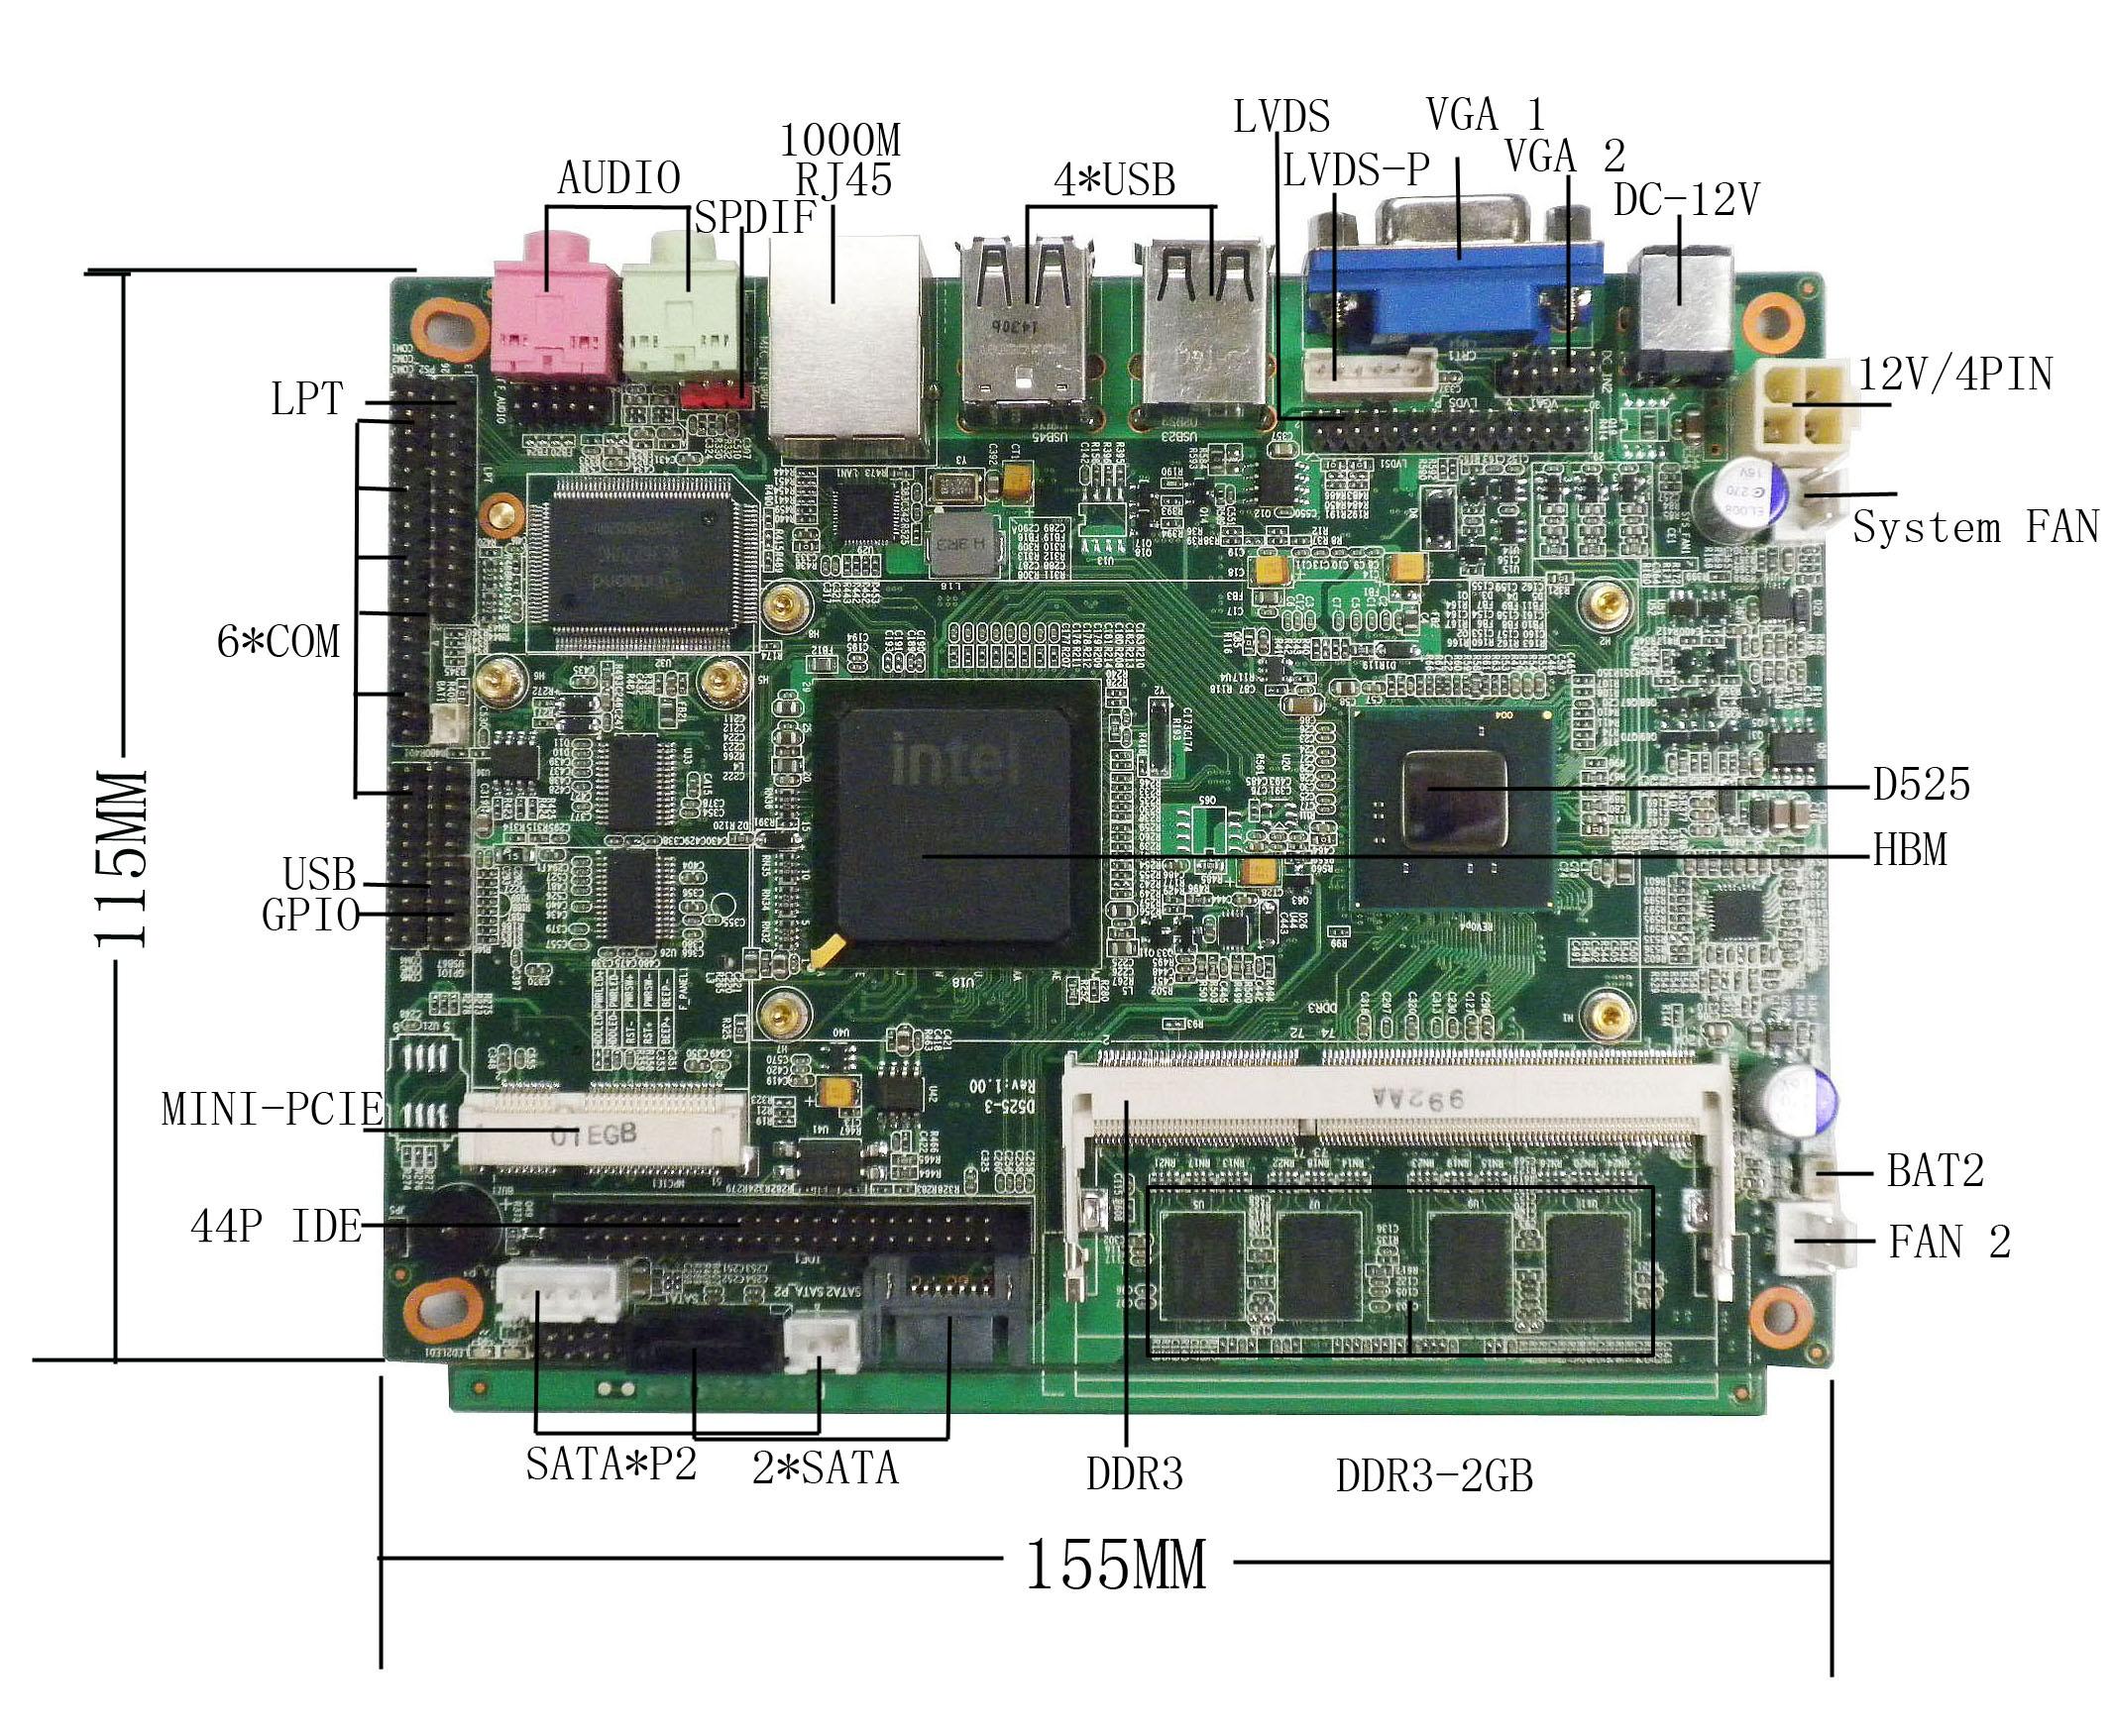 工业平板电脑 包括专用I/O卡以及混 华普信工控机合系统中采用的相关软件等